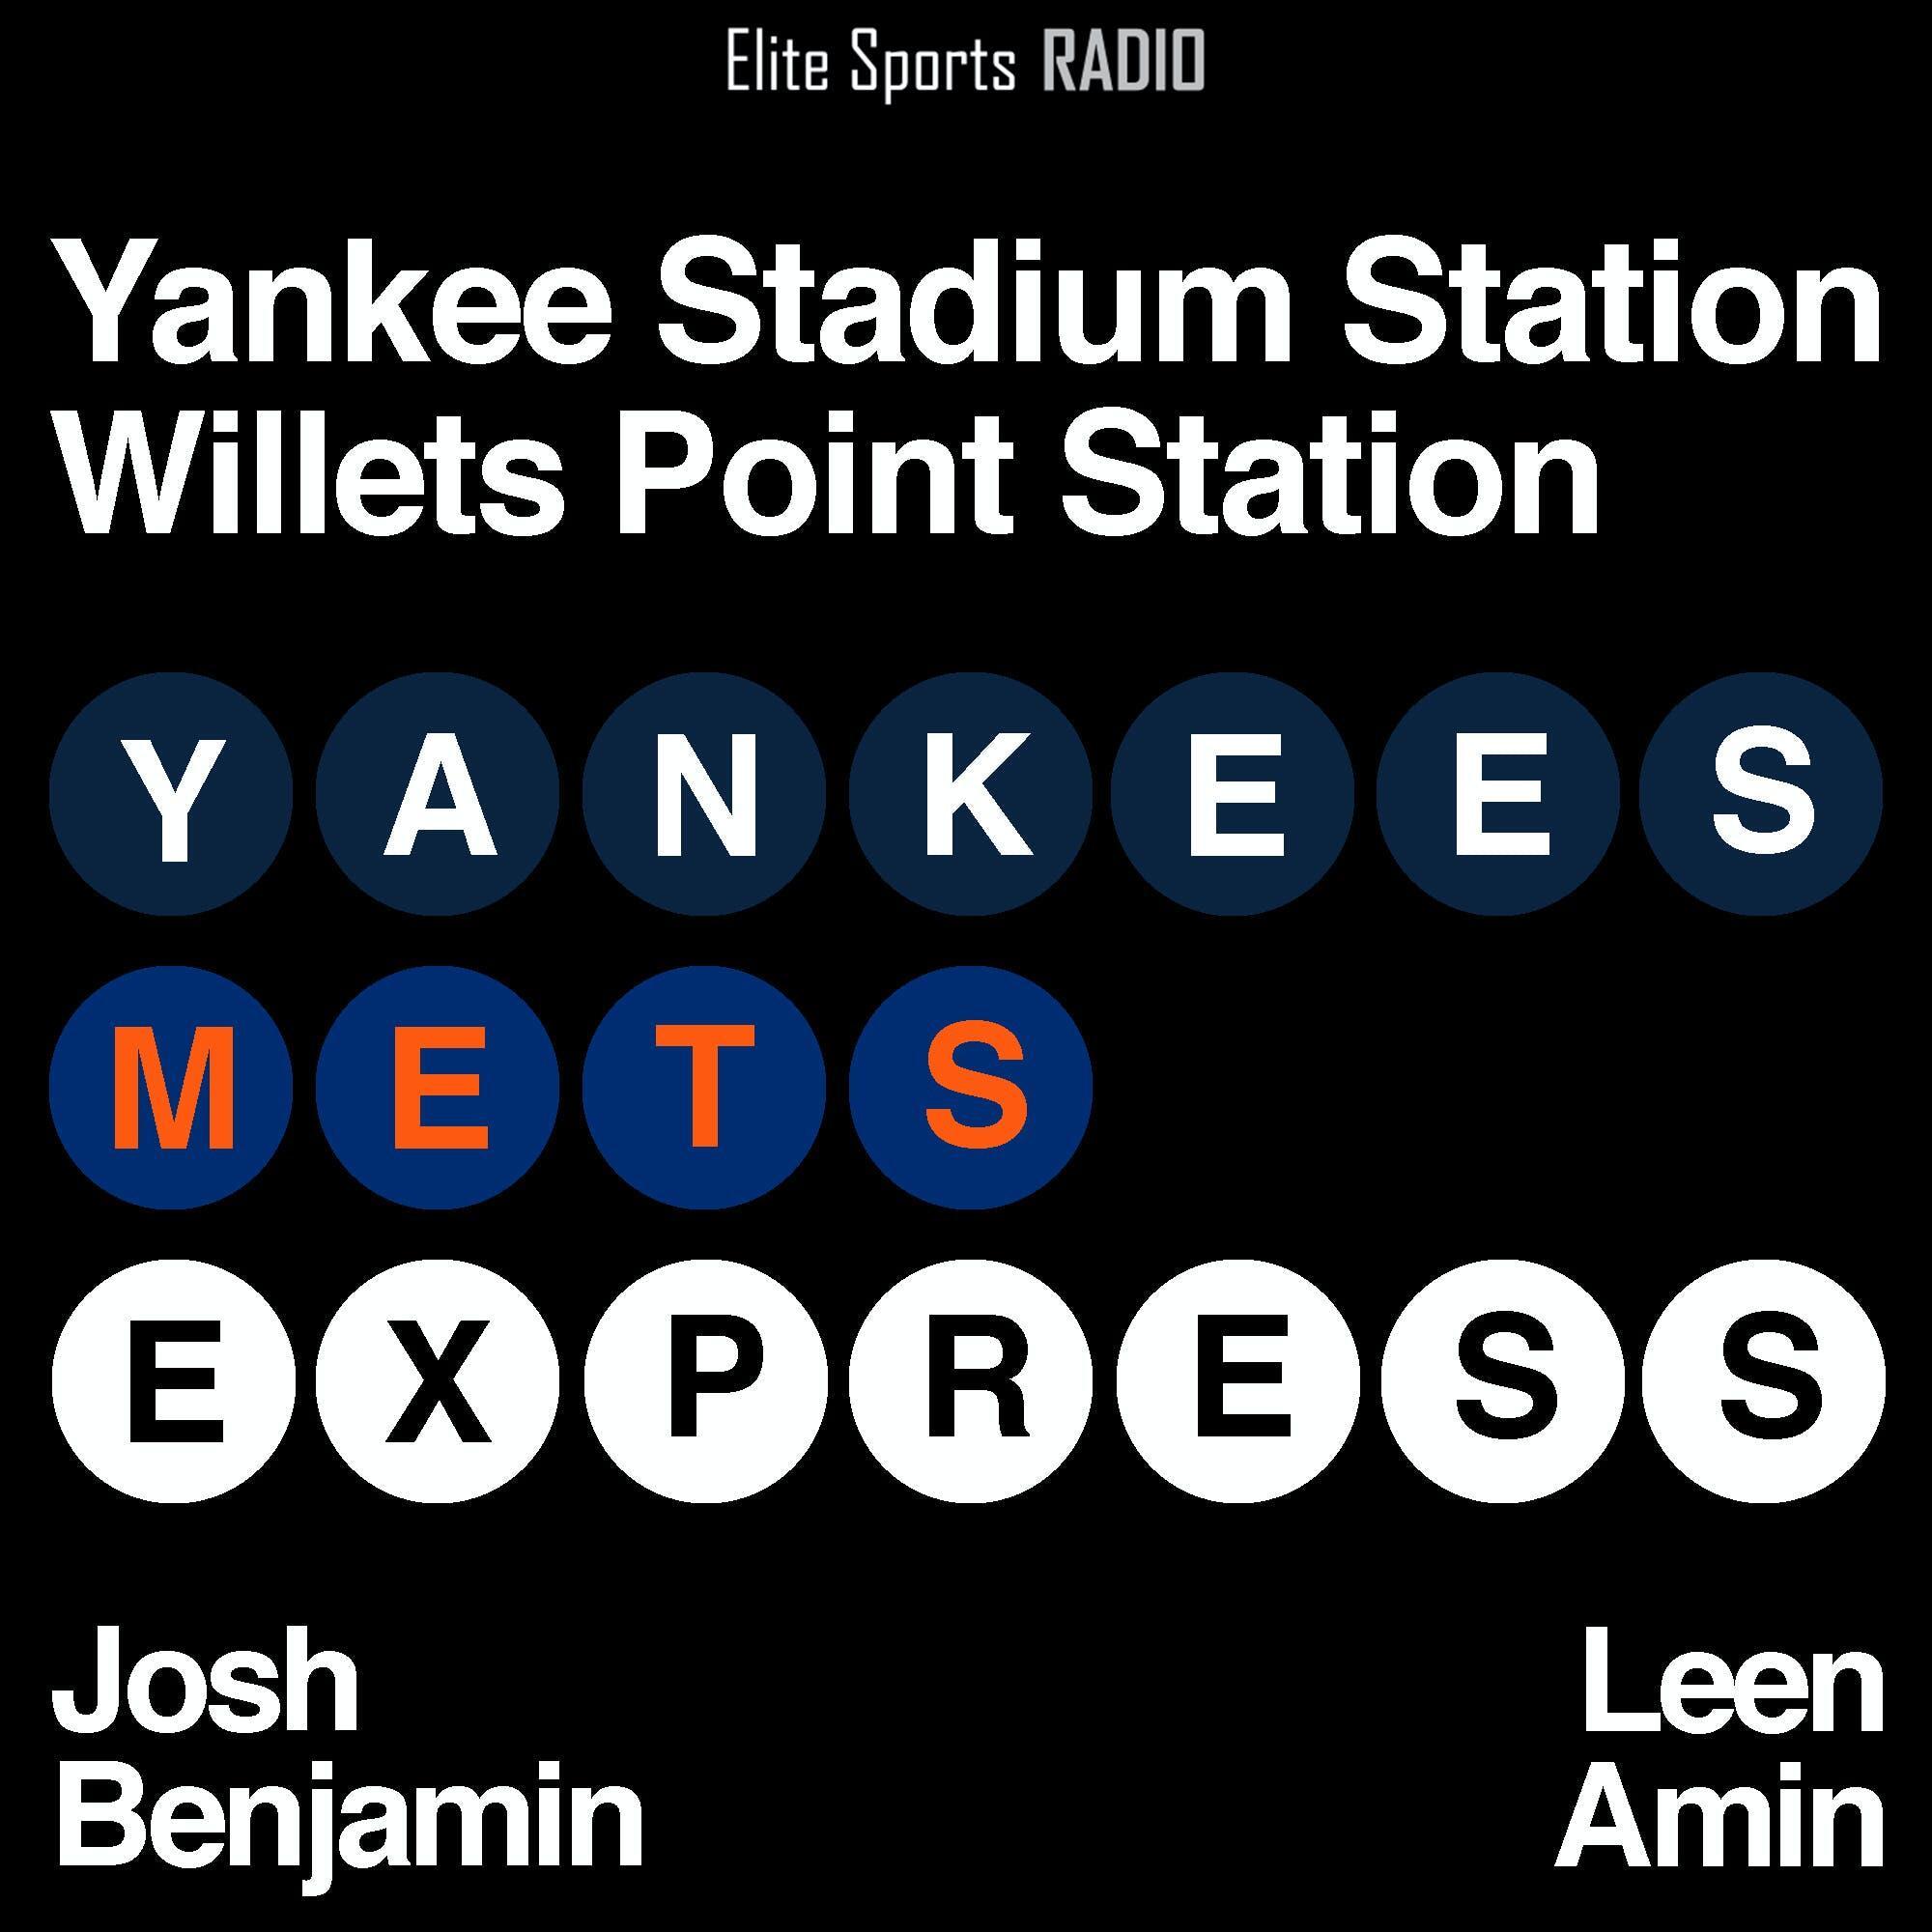 Yankees-Mets Express